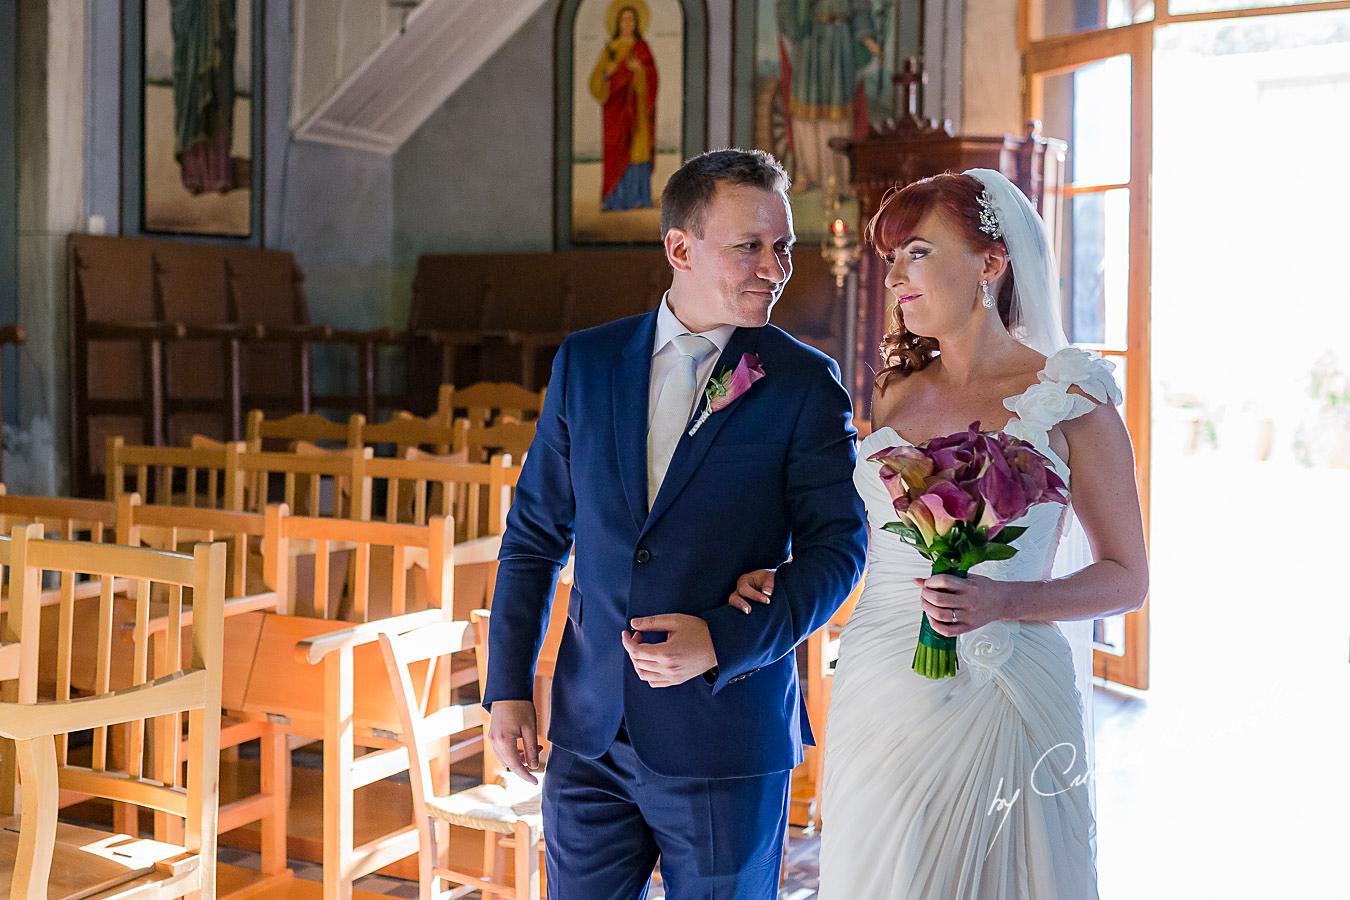 Elegant Wedding at Apokryfo, Lofou - 23